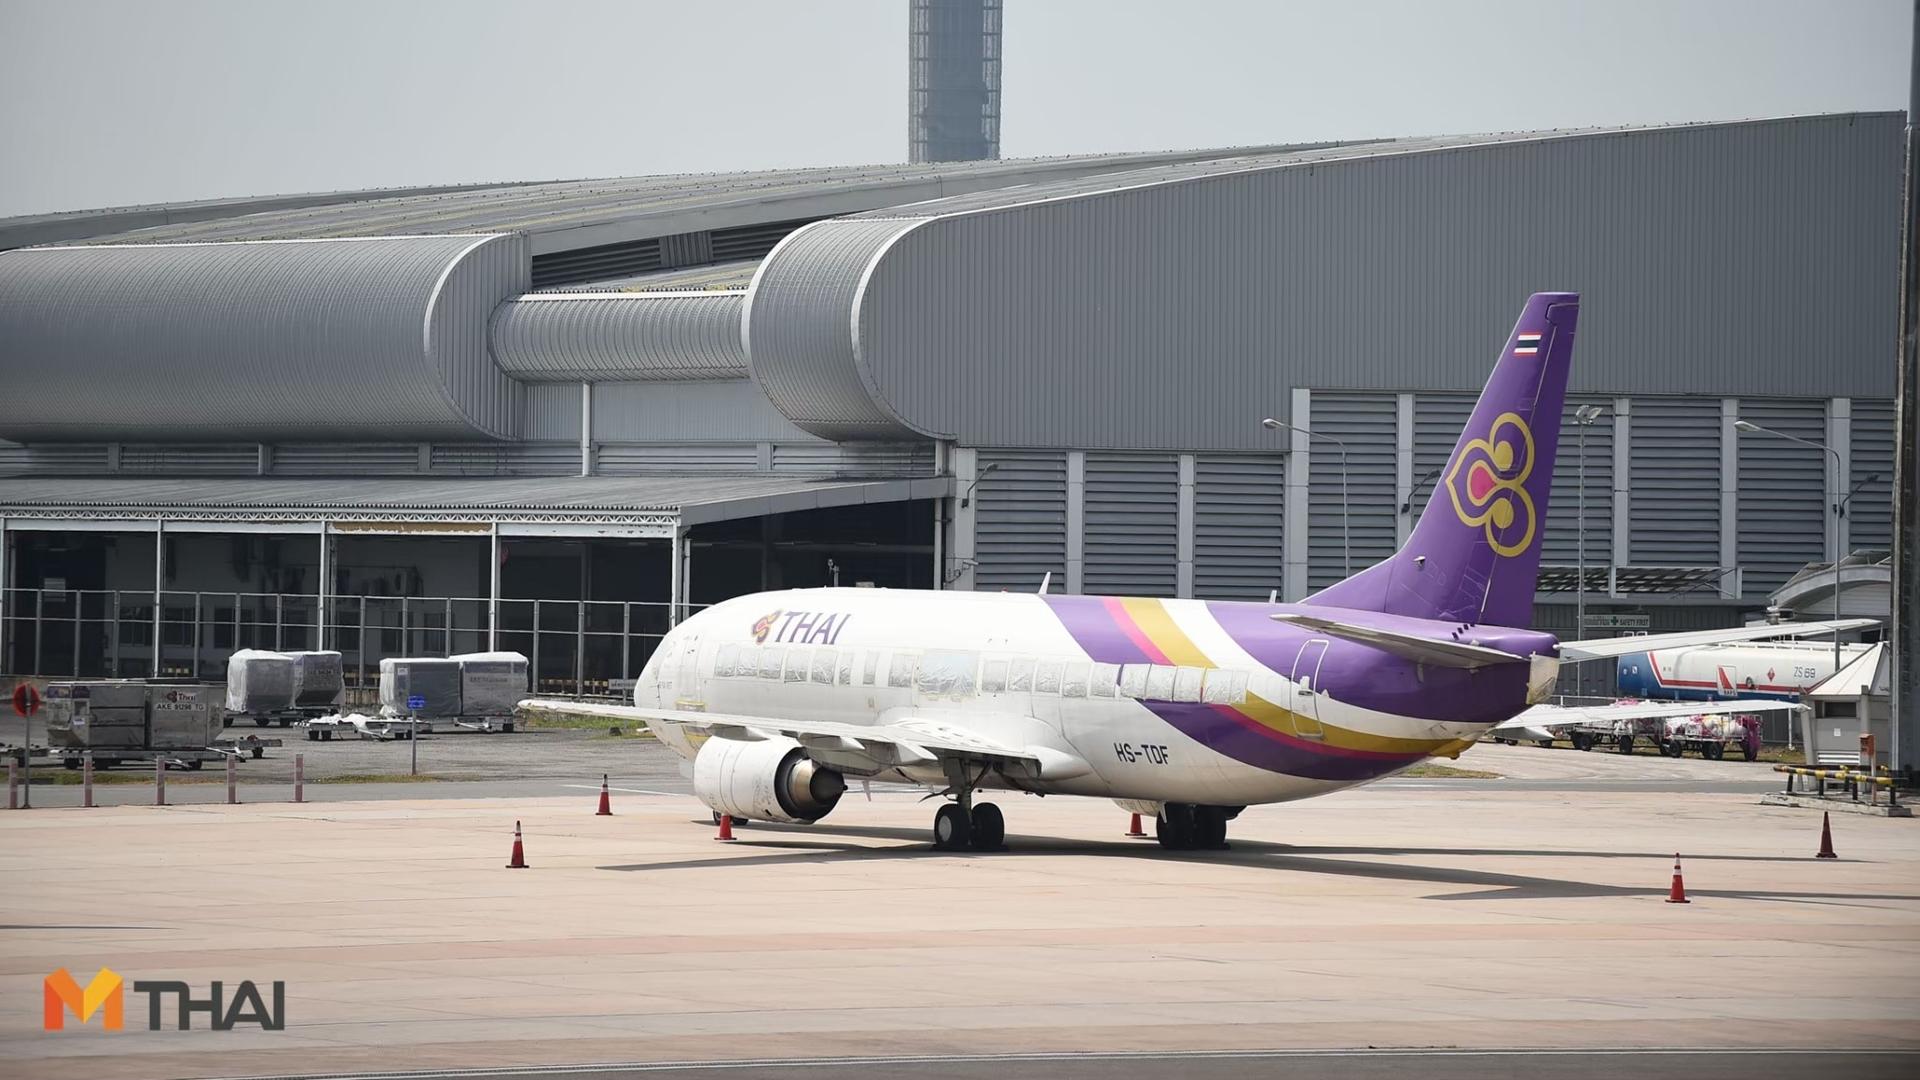 การบินไทย พนักงานเออร์ลี่ โครงการร่วมใจเสียสละเพื่อองค์กร